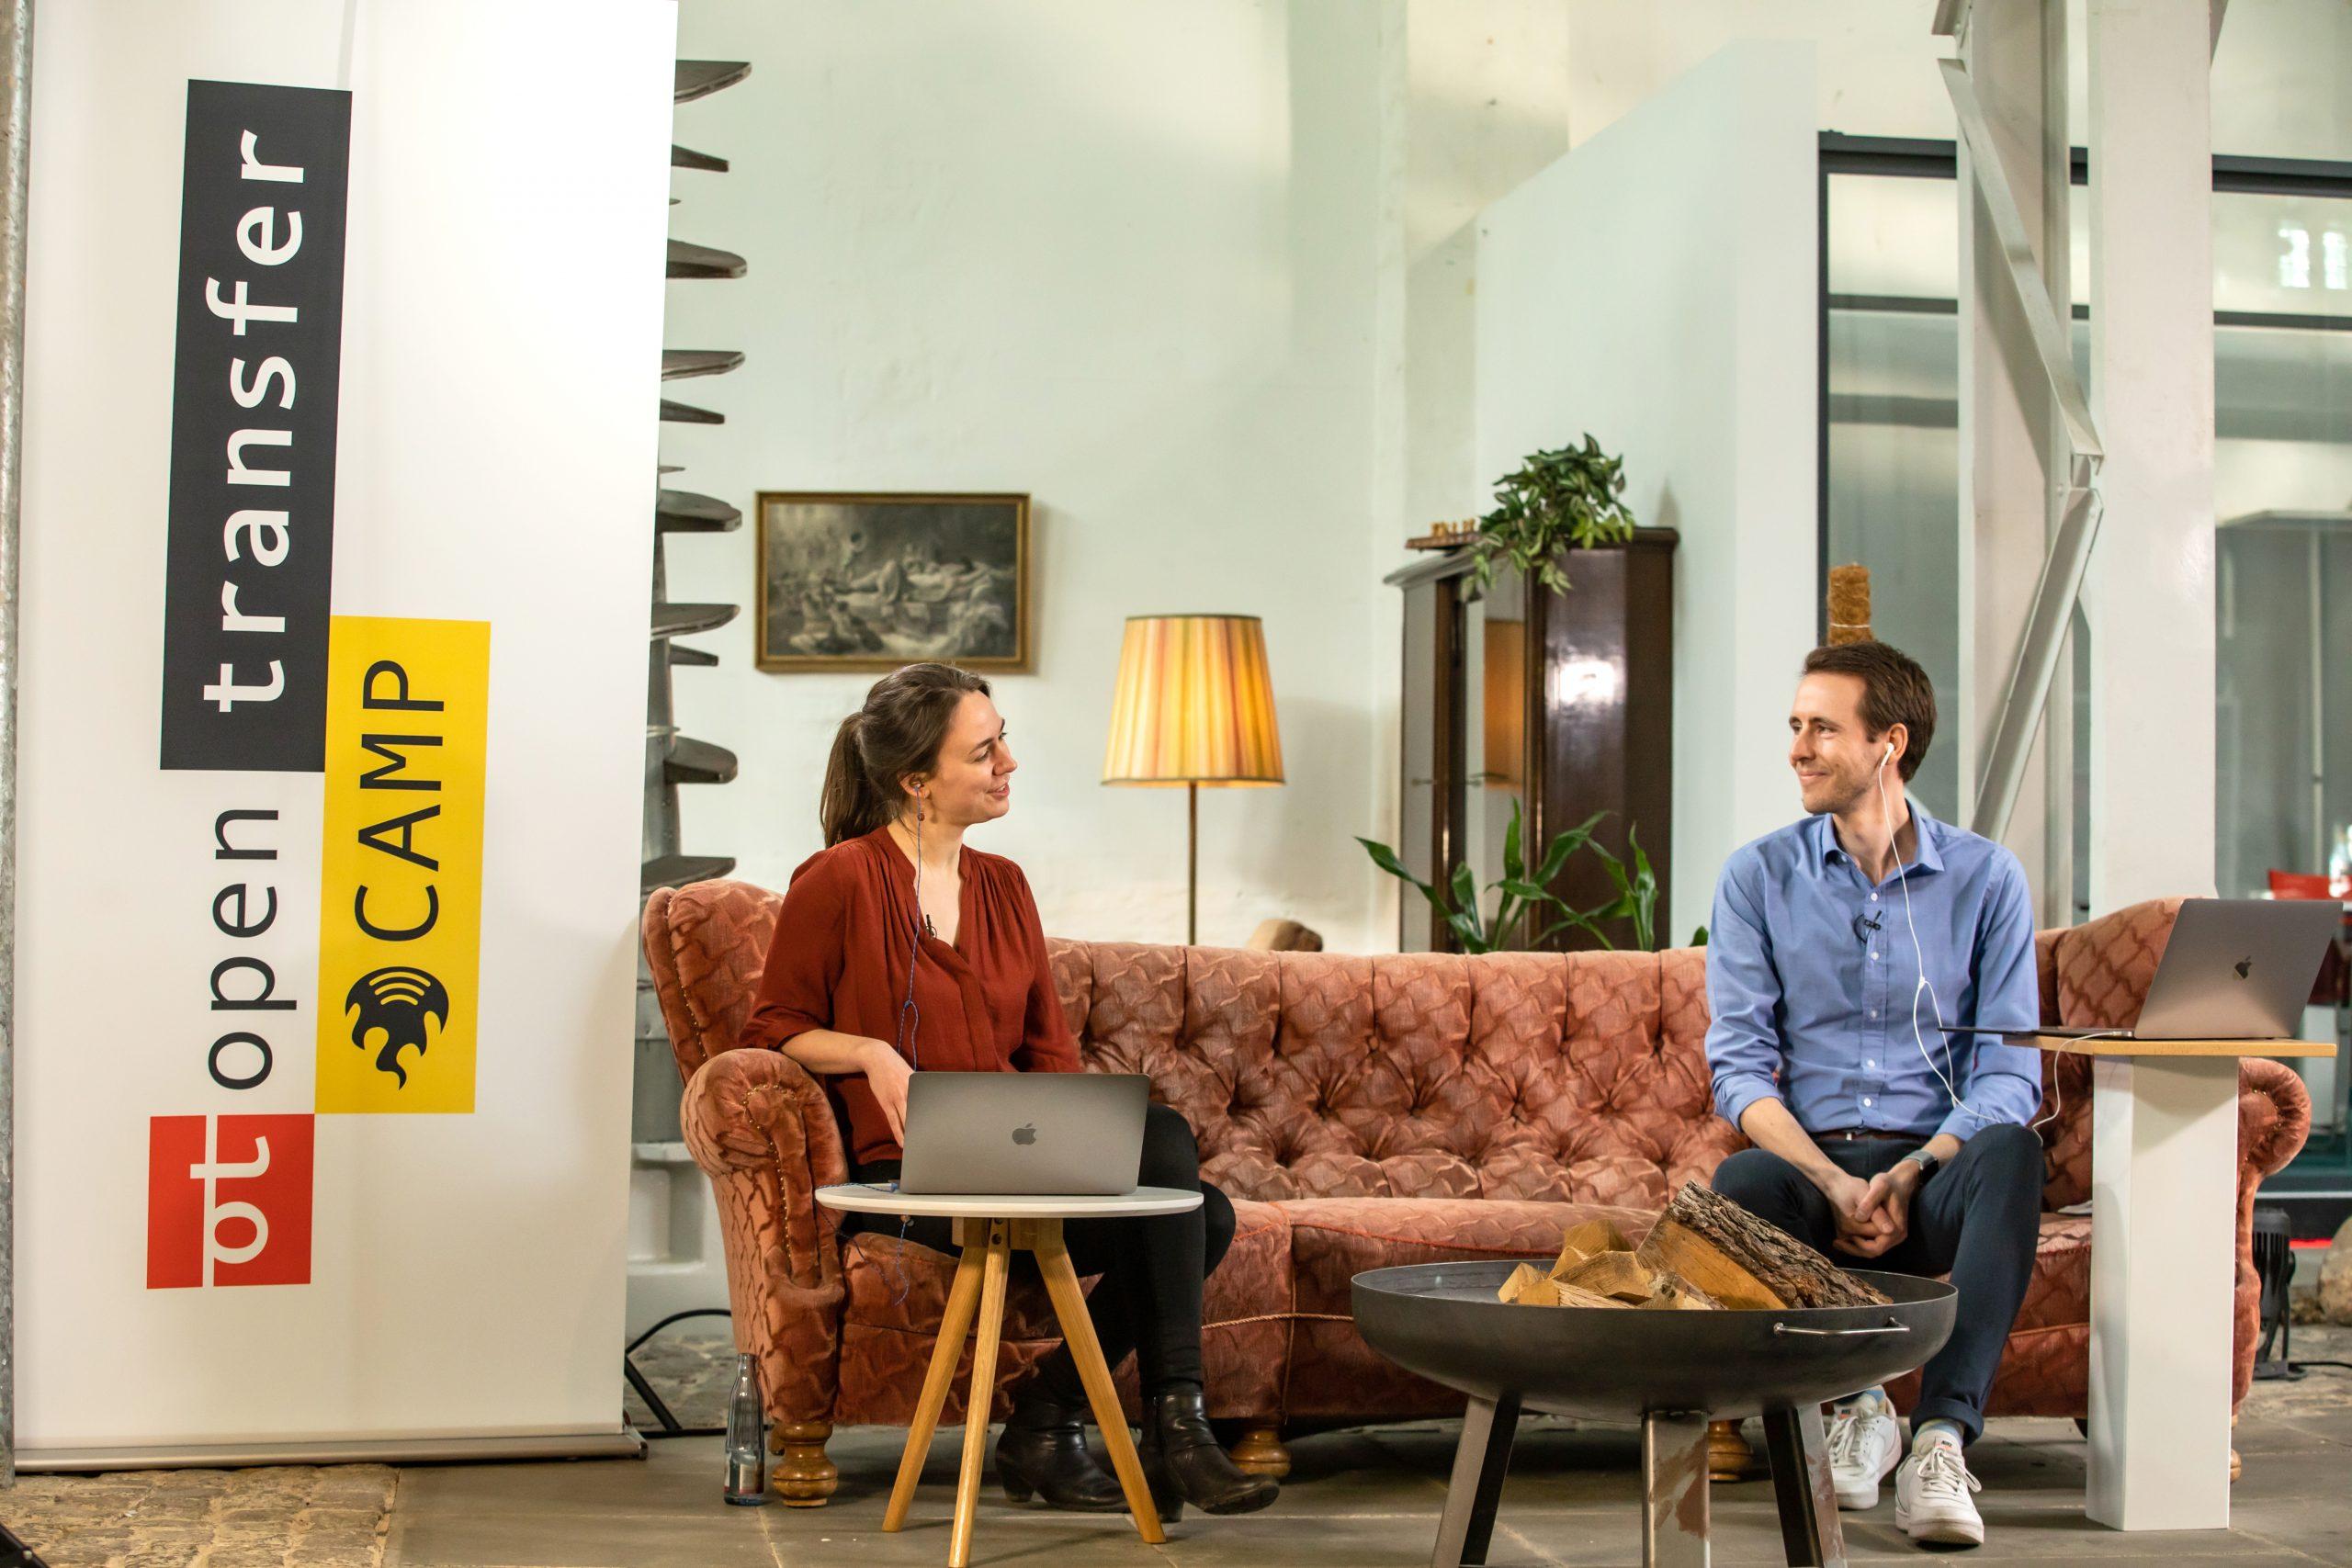 Nora und Sebastian sitzen auf einer Couch während des openTransfer Barcamps #Zukunft in Braunschweig.